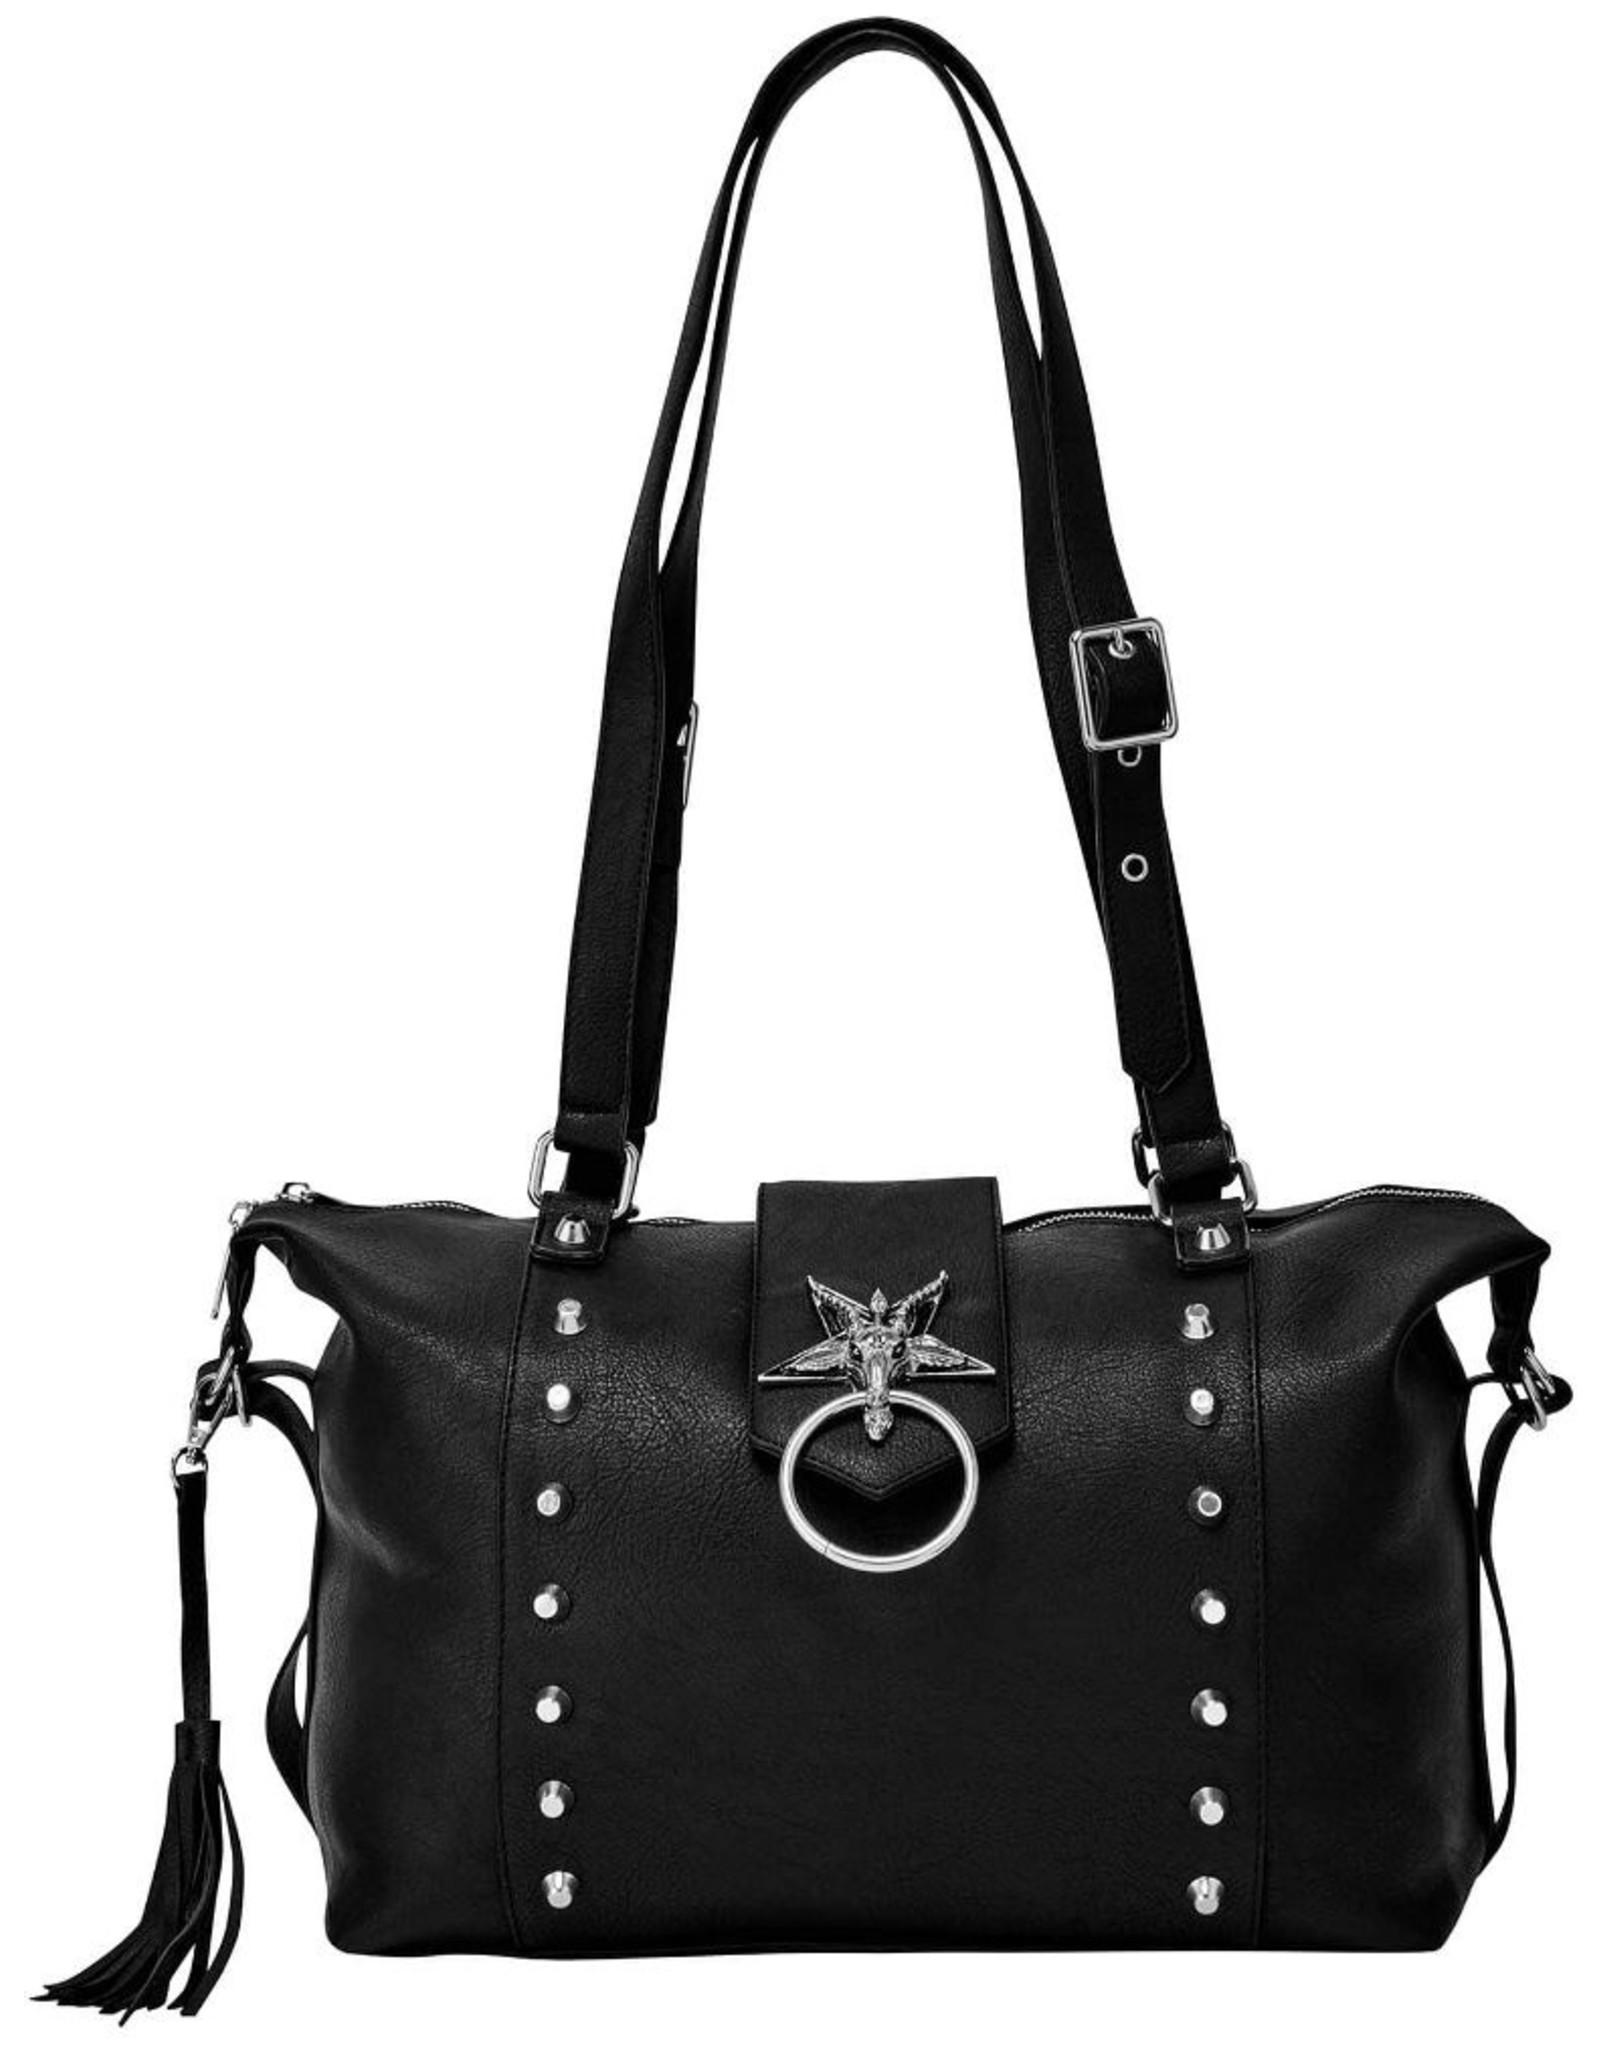 Killstar Killstar tassen en accessoires - Killstar Baphomet shopper Brimstone